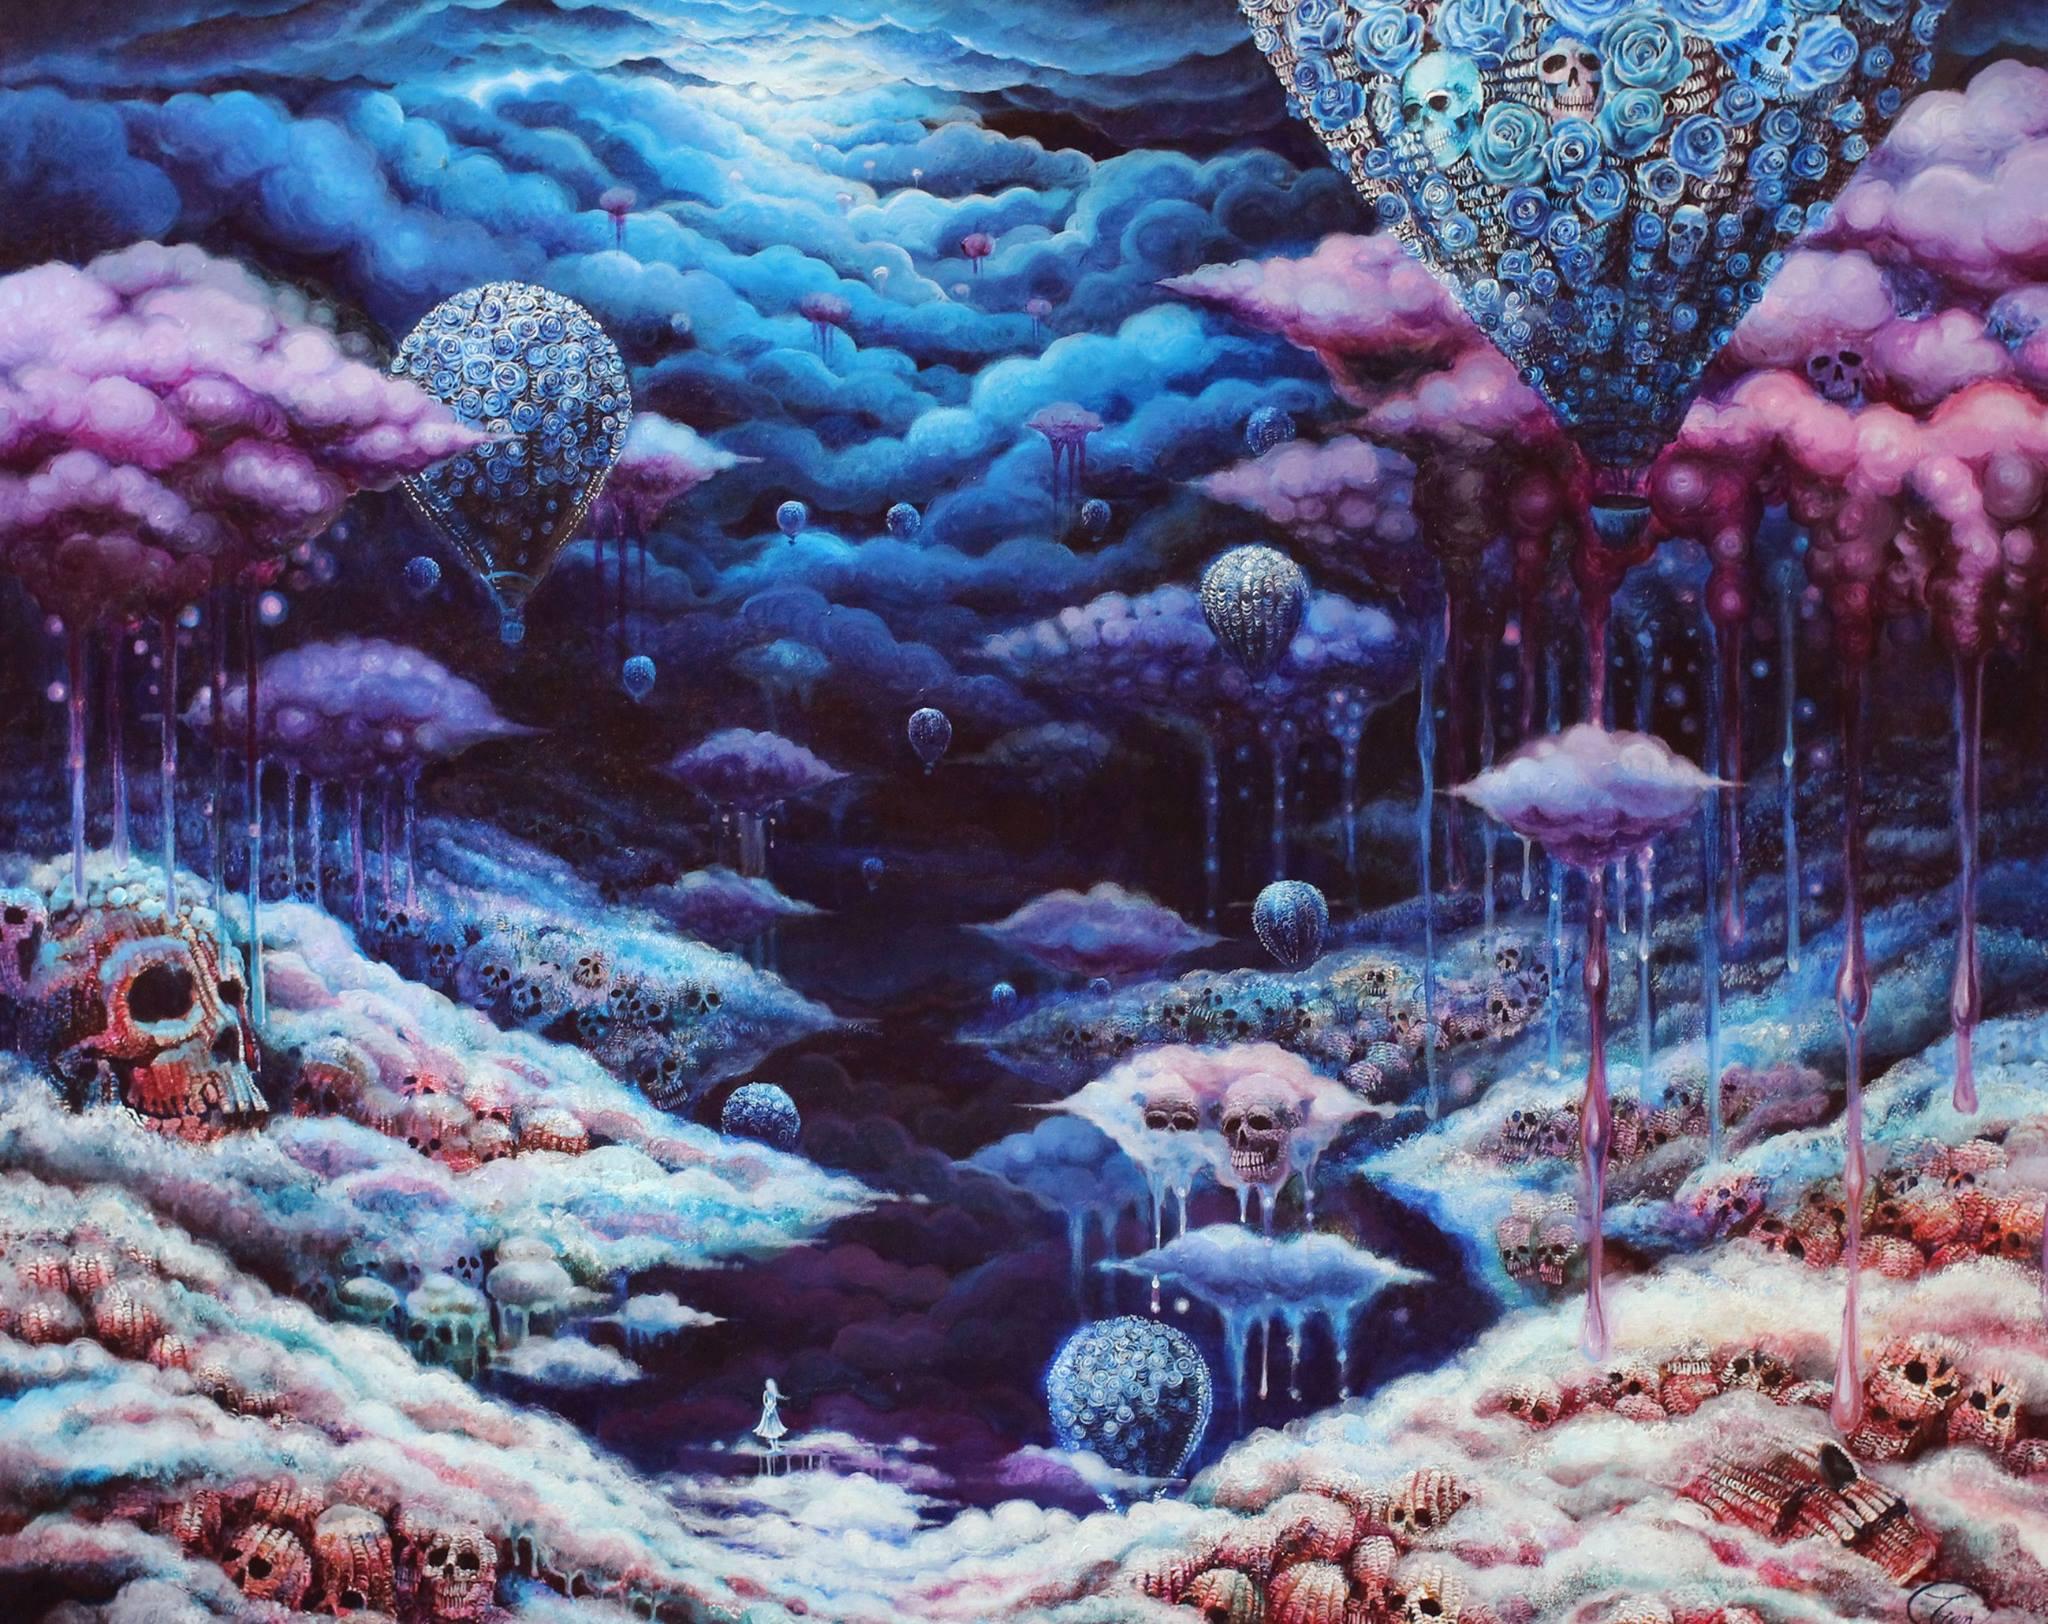 Tien dark pop-surrealism